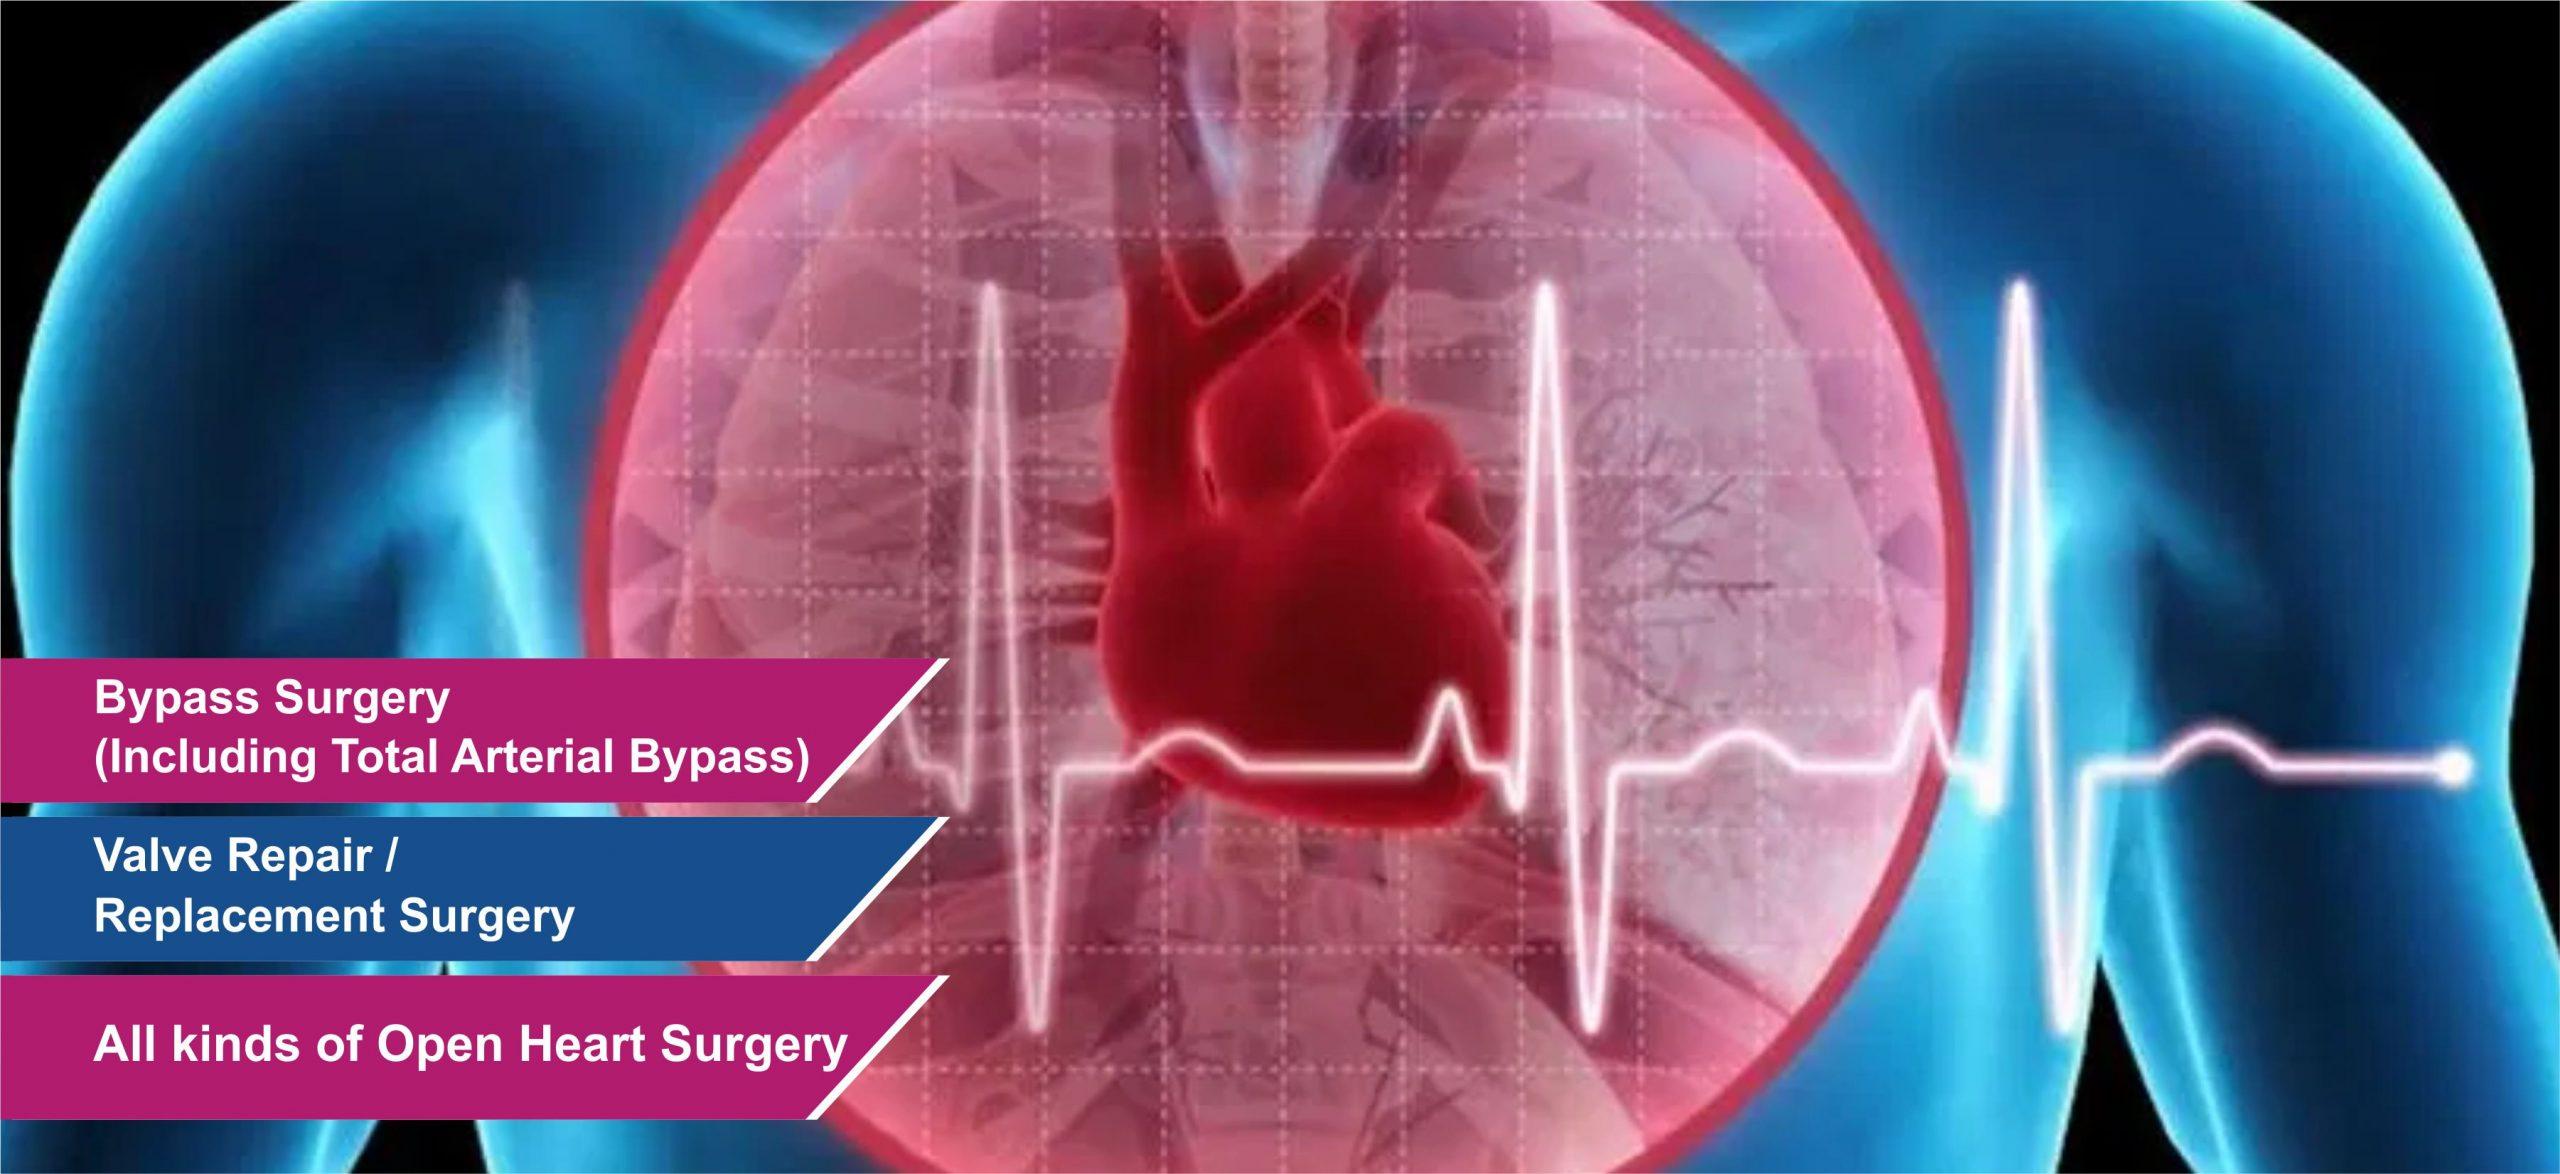 cardiac 3